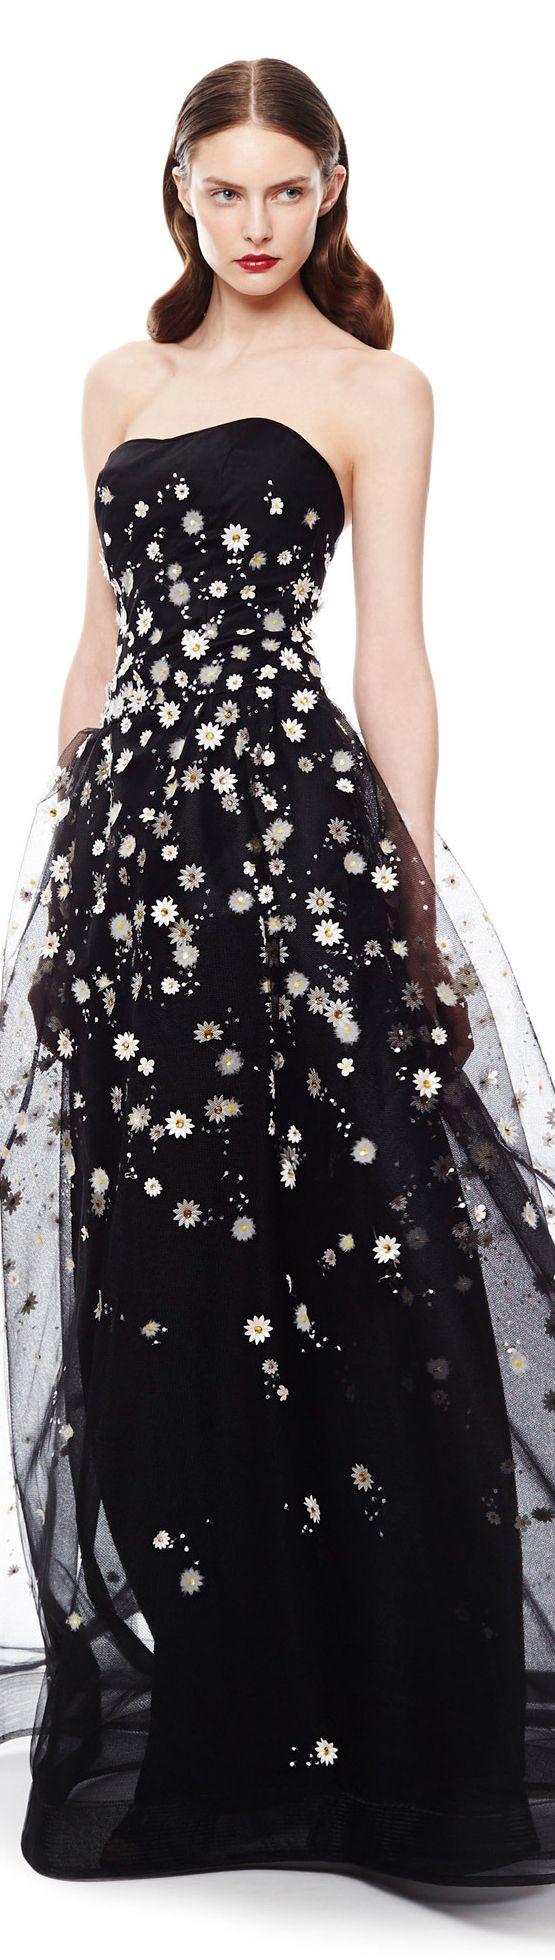 Vestidos demadrinas de boda con toques elegantes inspirados en la firma Carolina Herrera